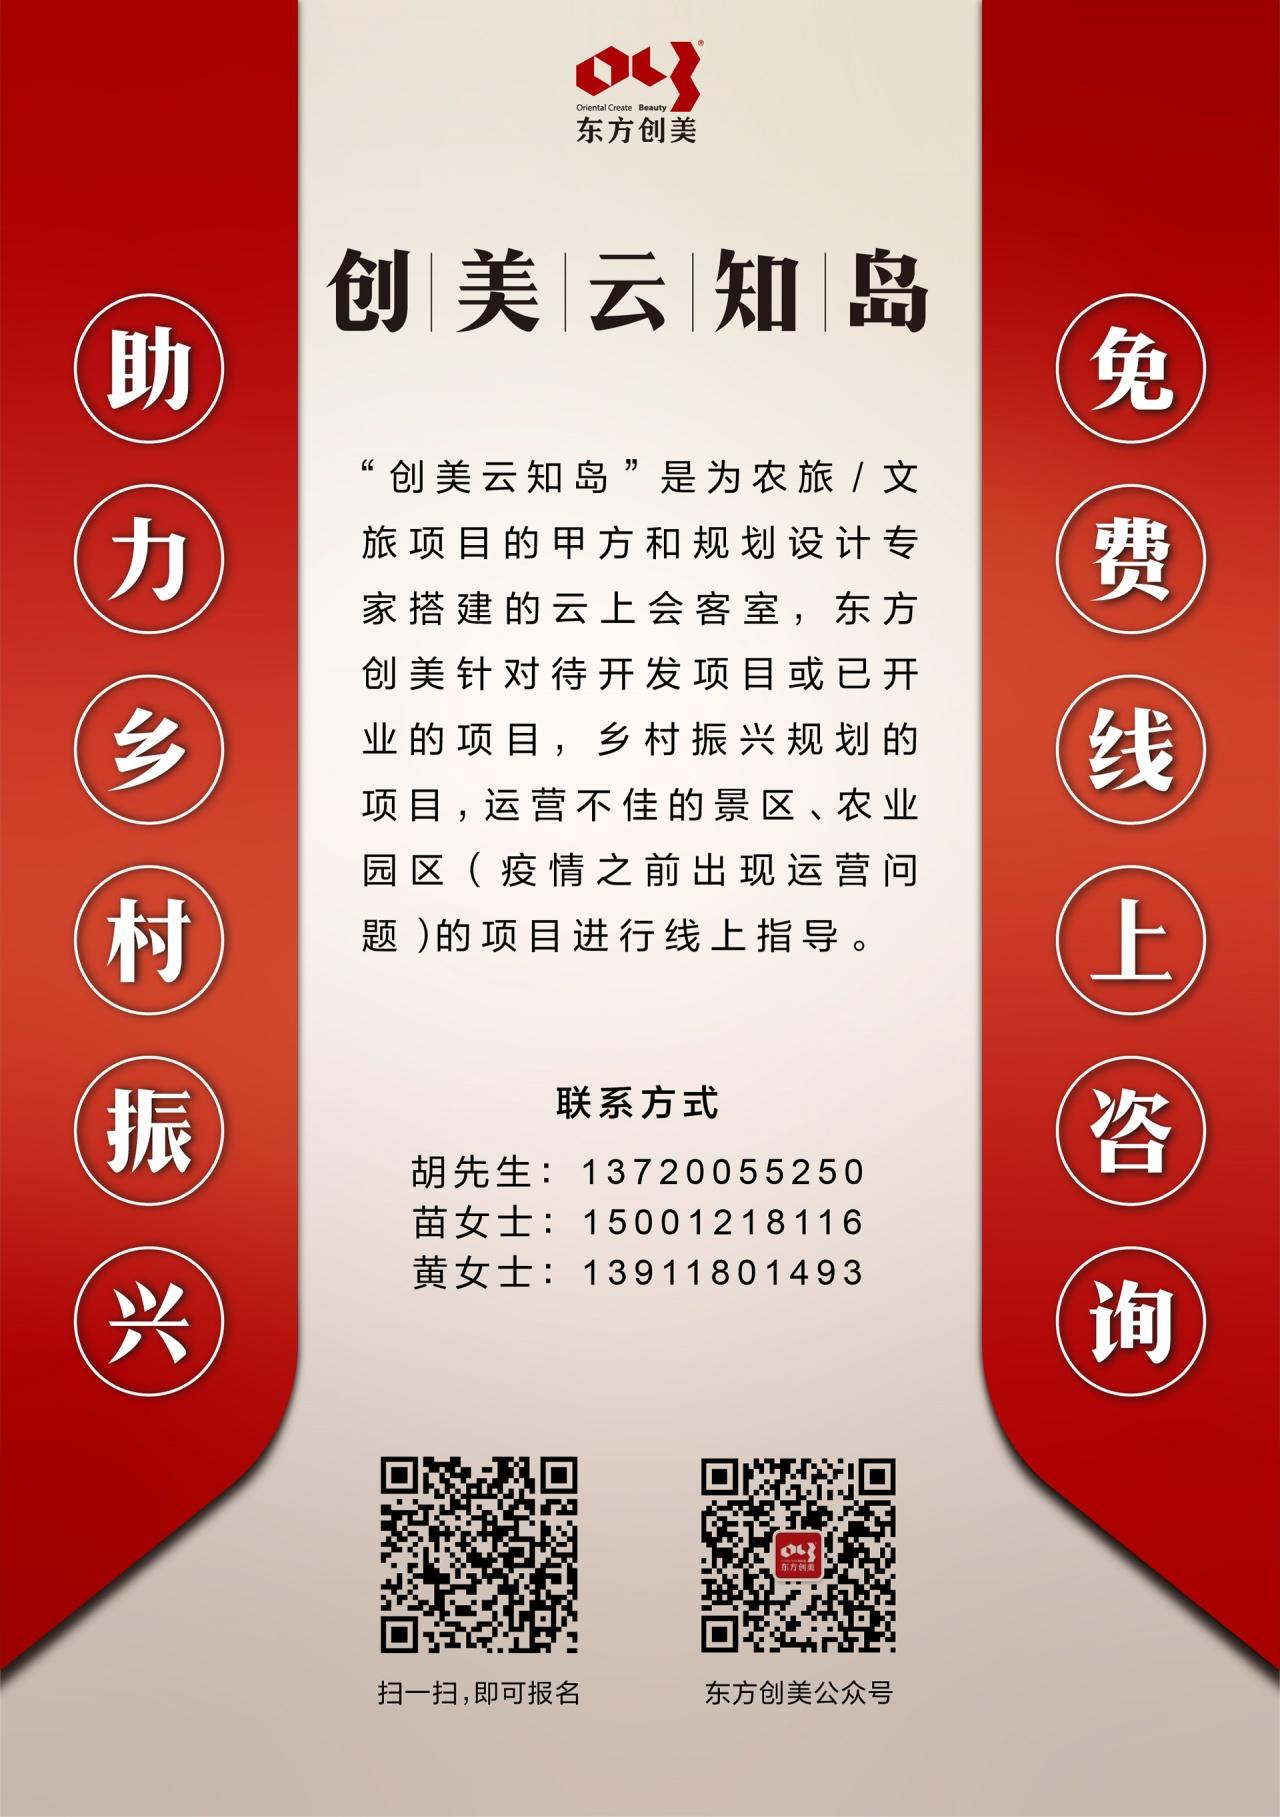 免费咨询海报内容(东方创美公众号).jpg